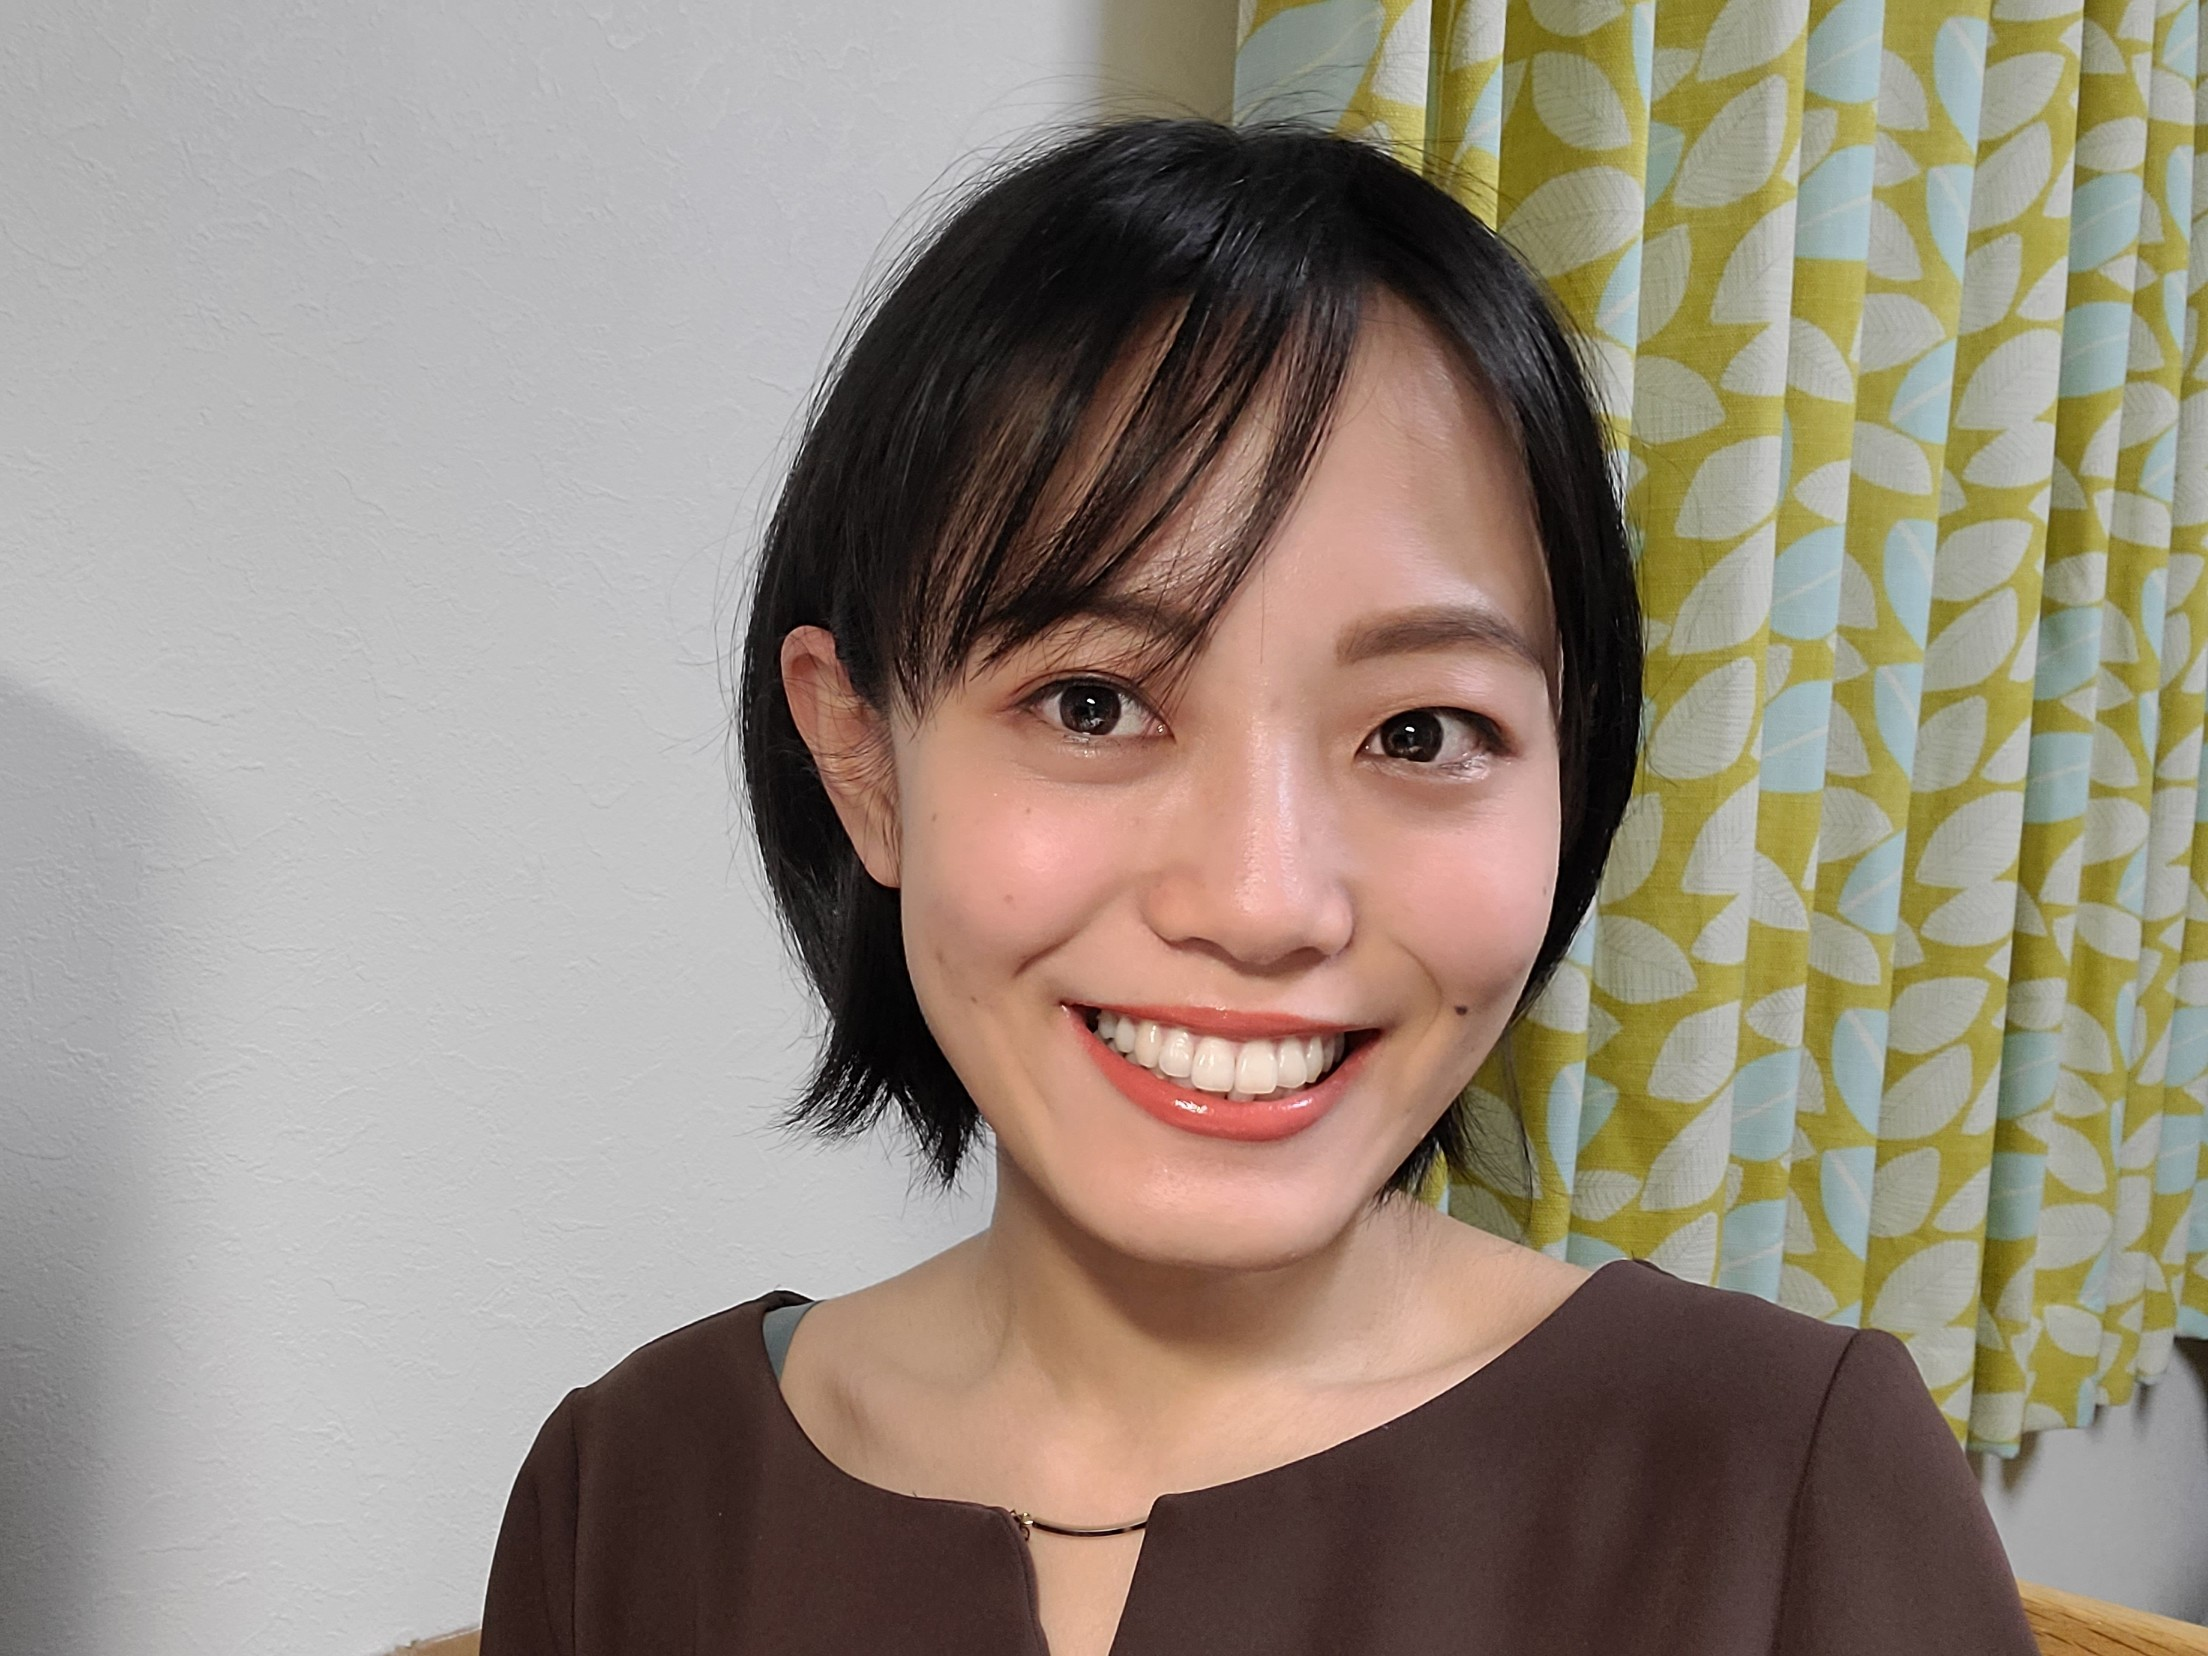 【SHIRO】夏リップで夏支度!「テラコッタ」は上品夏顔カラー❤️_3